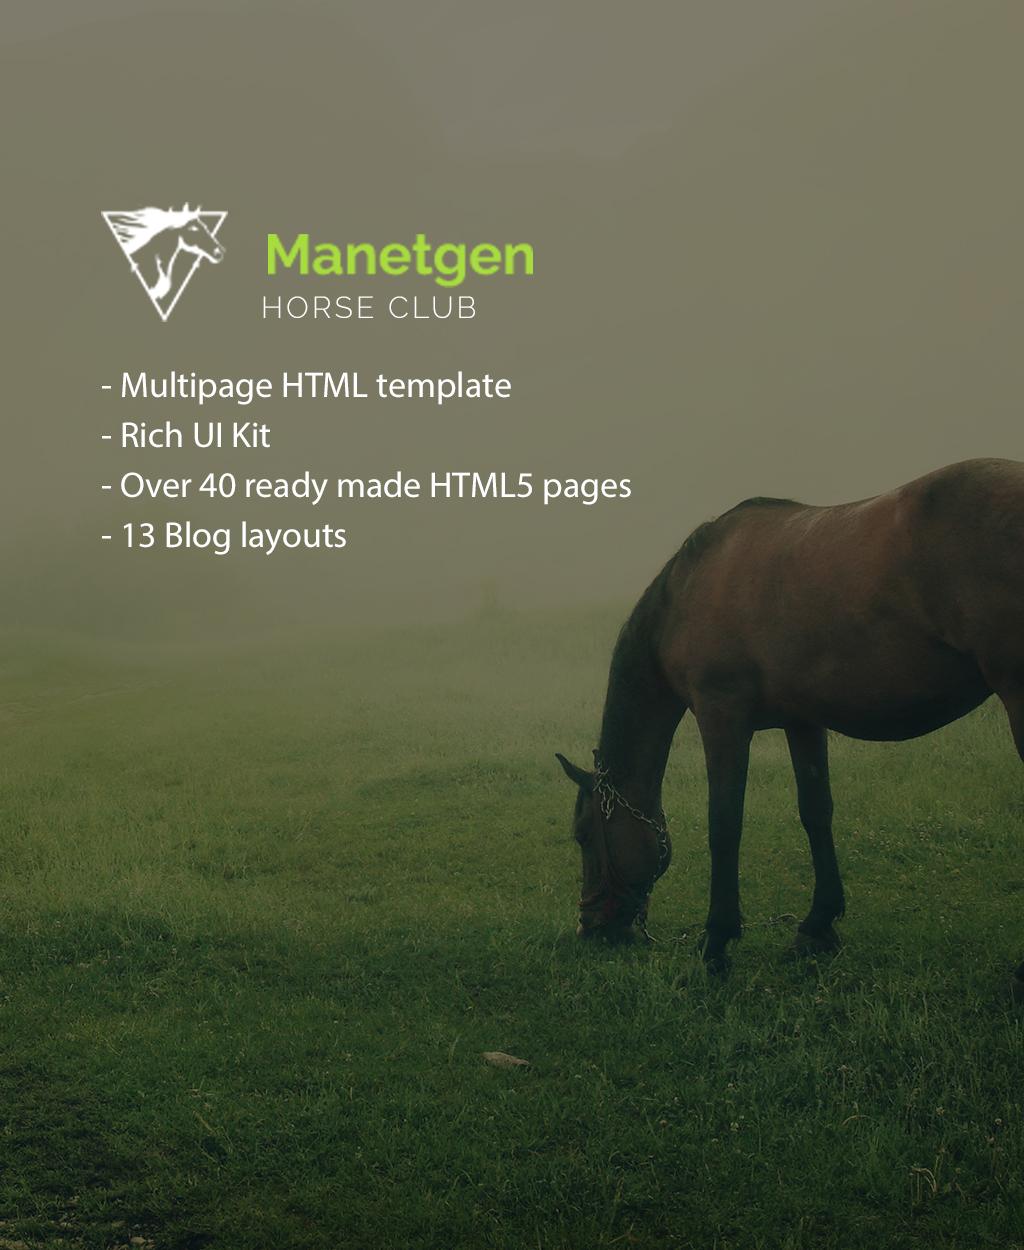 Manetgen для сайта конного клуба №61392 - скриншот